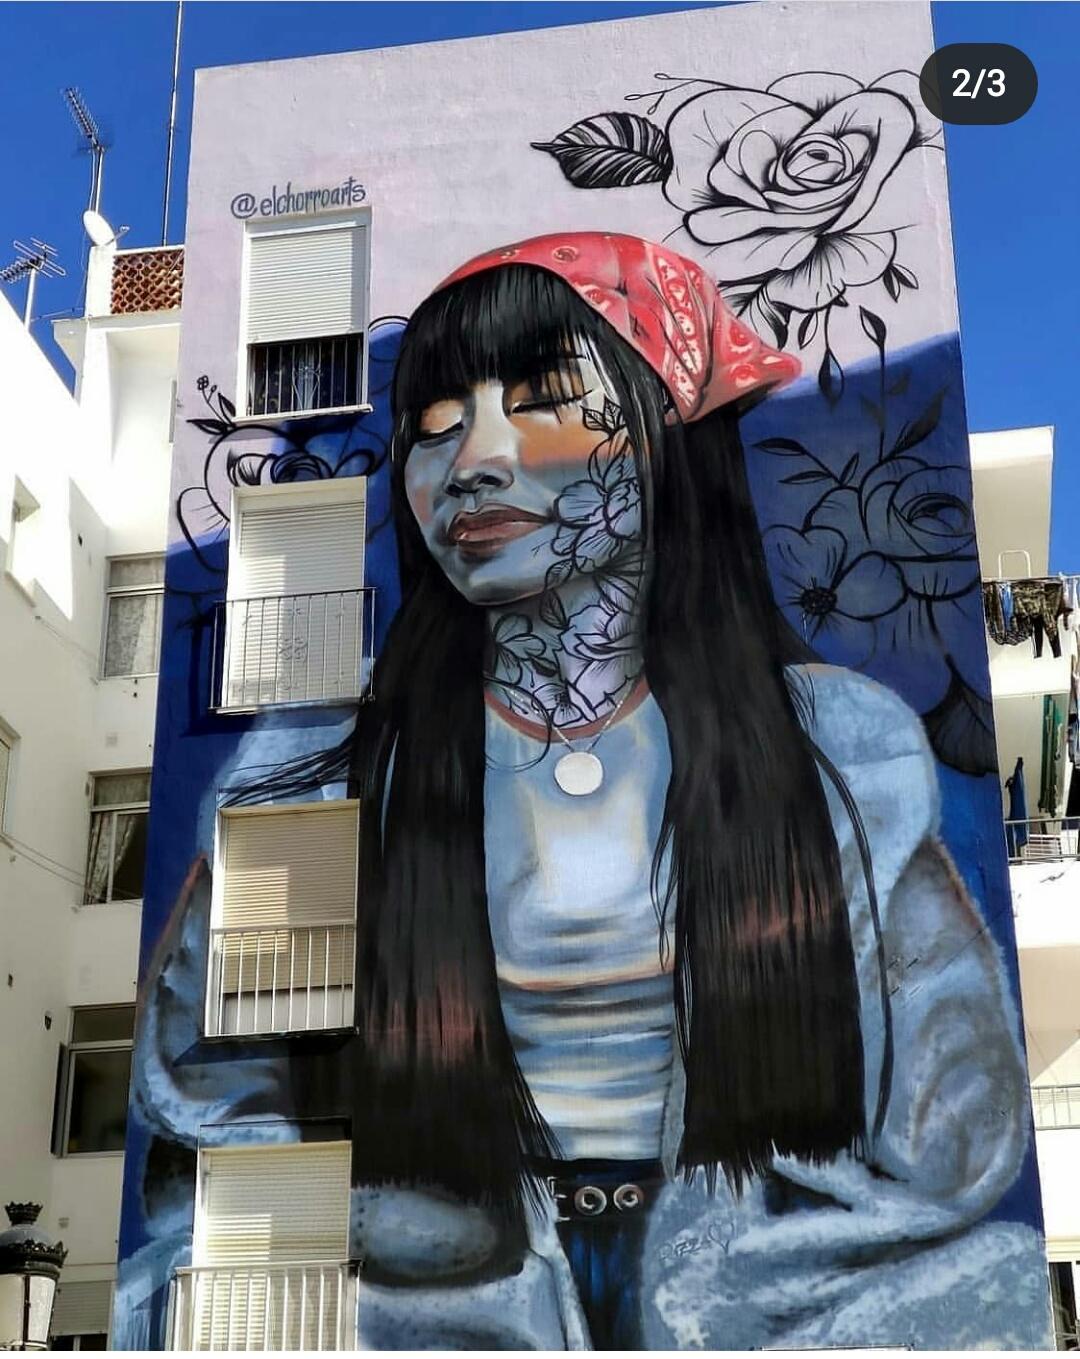 ruta murales estepona palencia el chorro arts